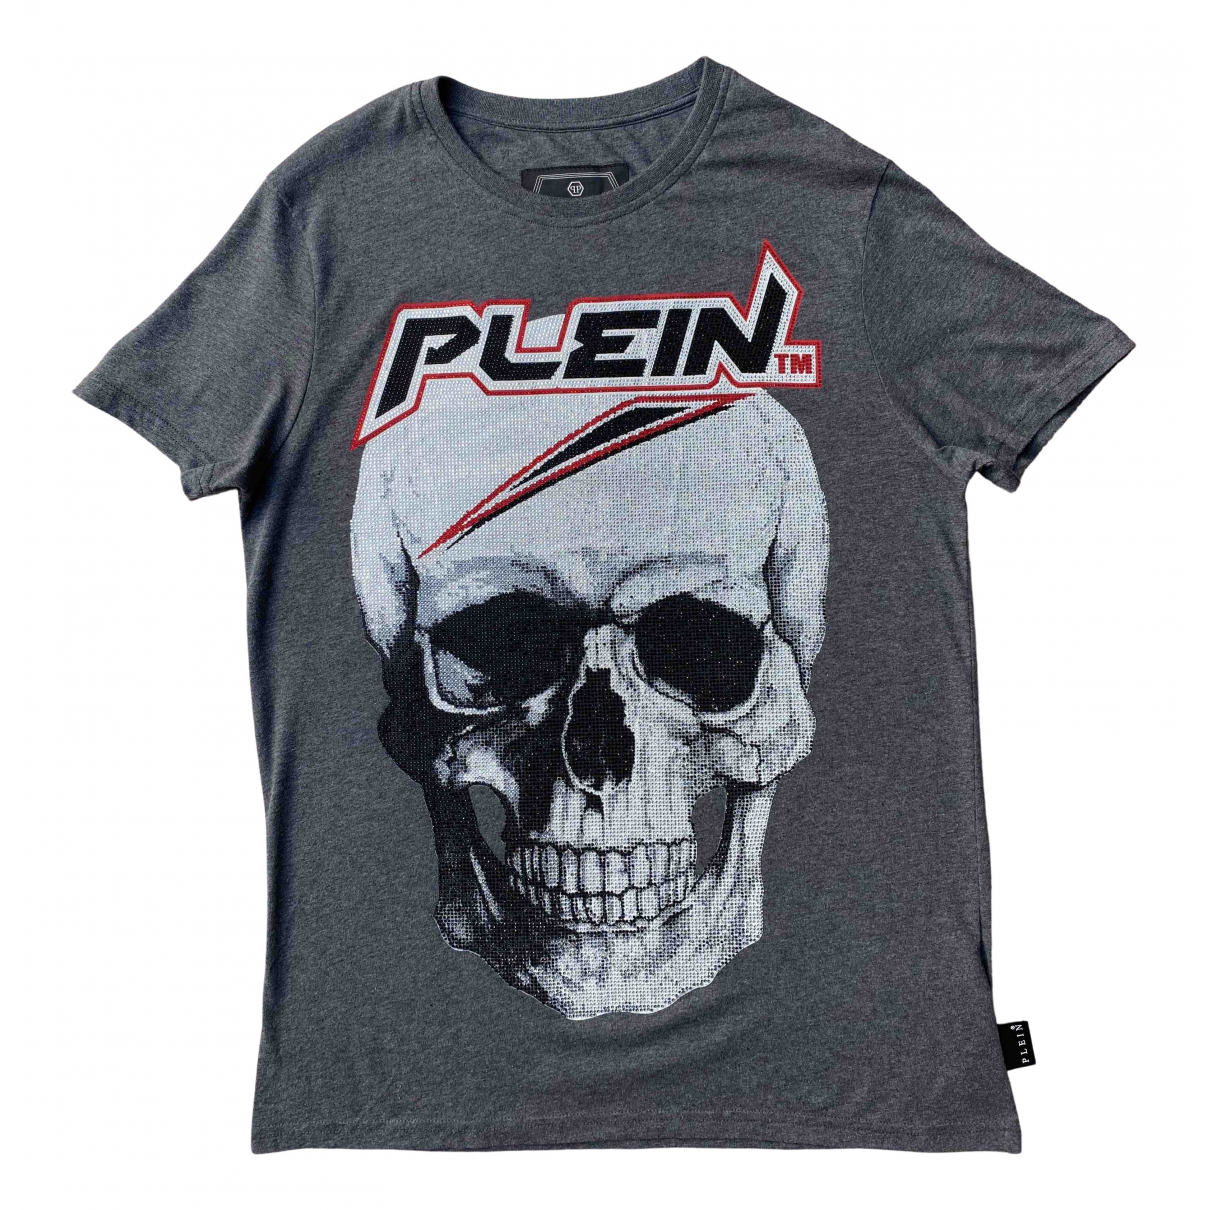 Philipp Plein - Tee shirts   pour homme en coton - gris